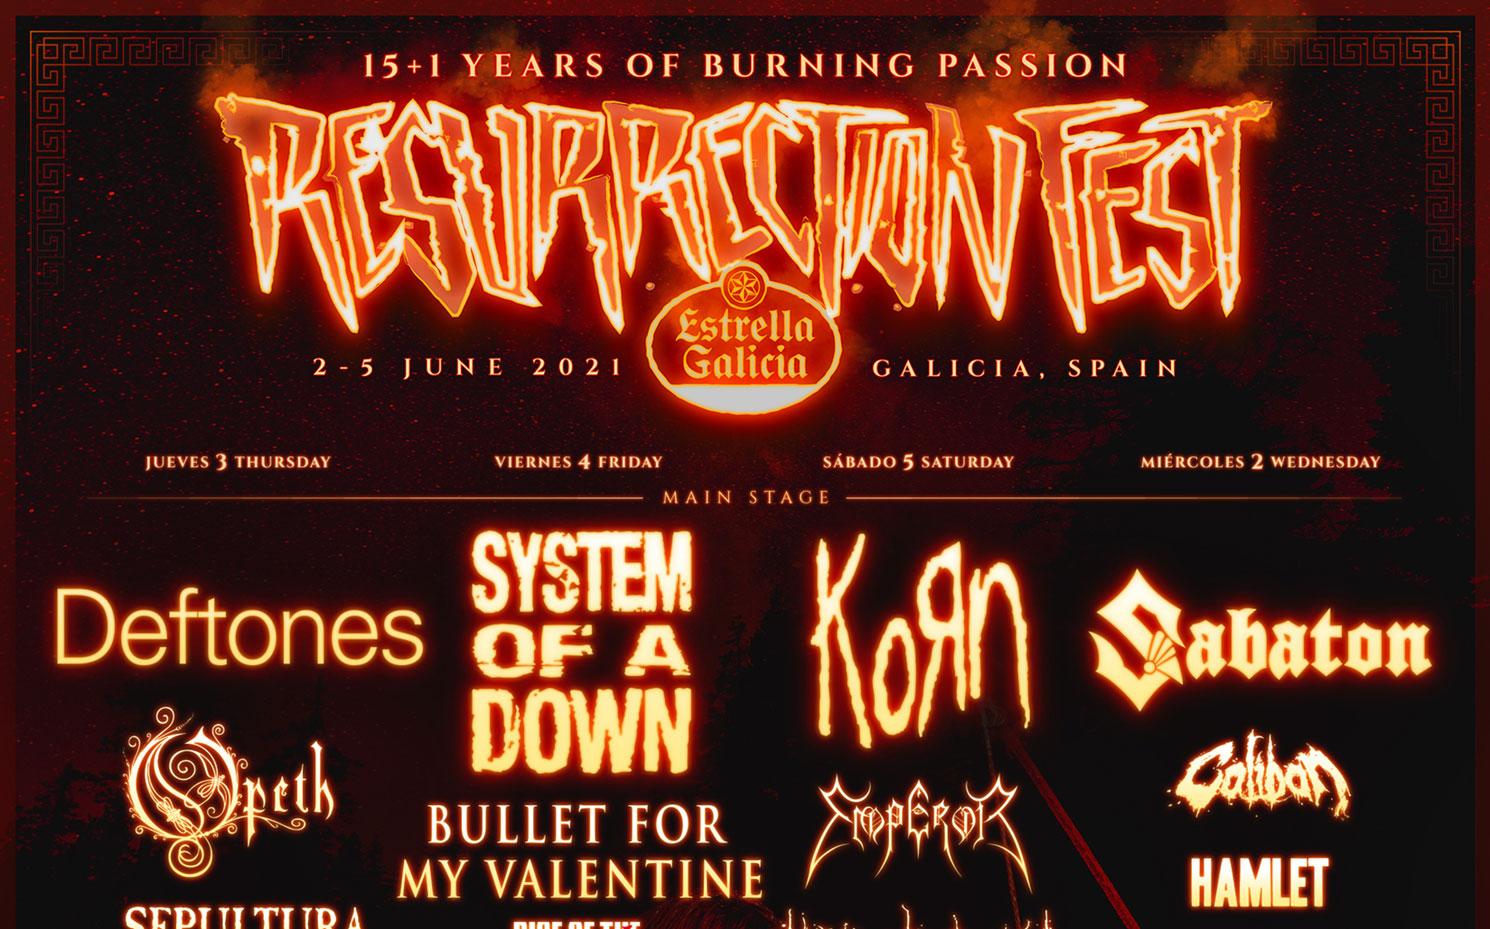 Cabezas de cartel Resurrection Fest 2021